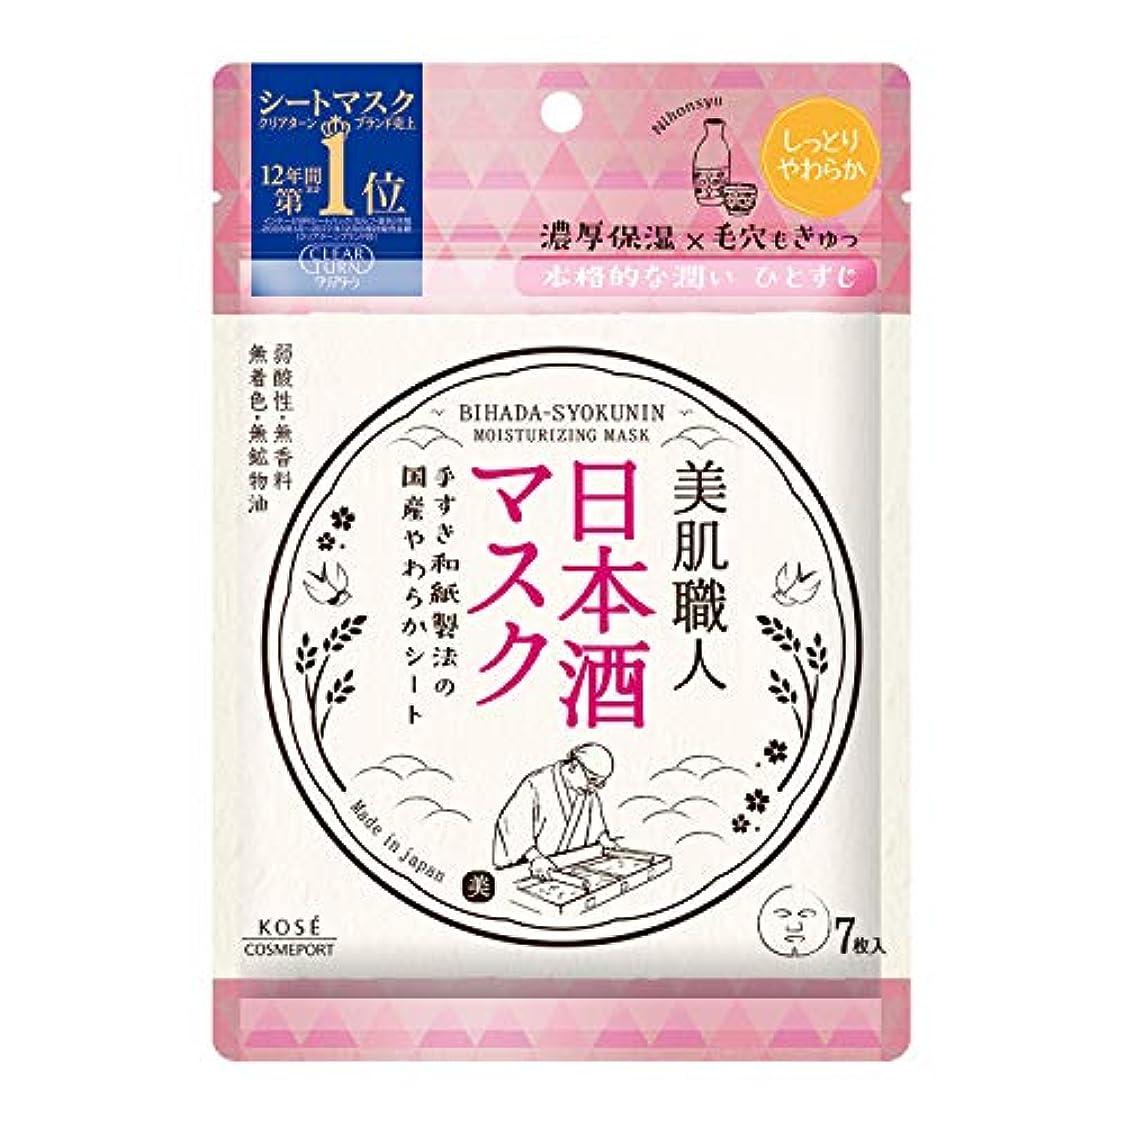 哲学気楽な世論調査KOSE コーセー クリアターン 美肌職人 日本酒 マスク 7枚 フェイスマスク